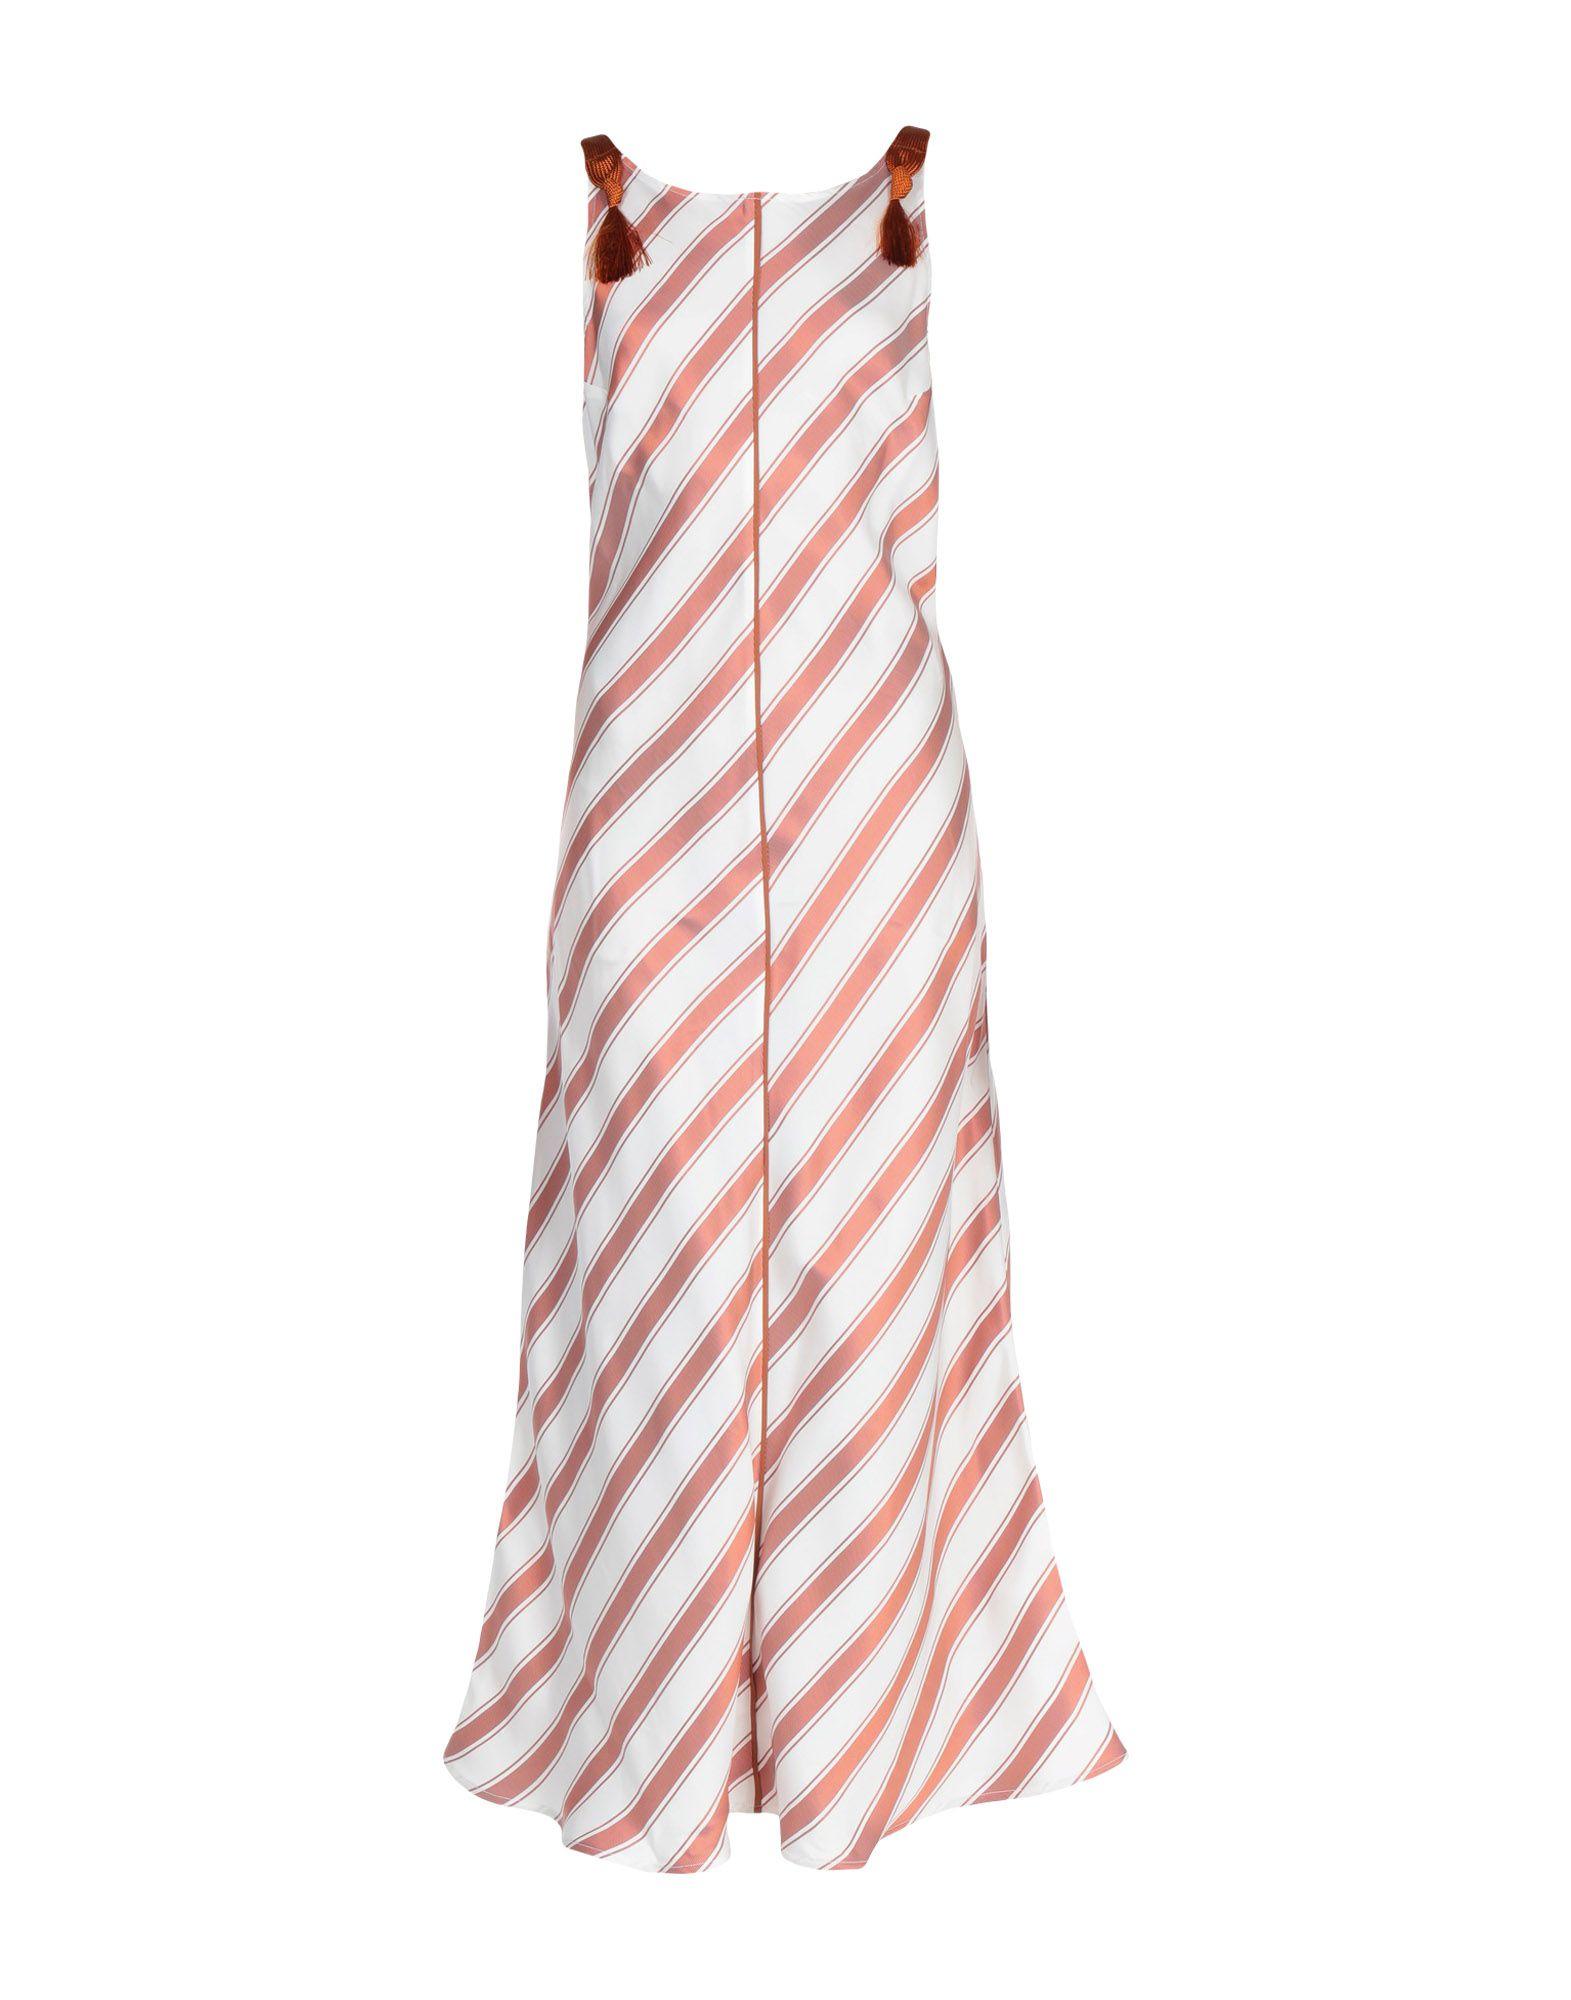 GARAGE NOUVEAU Длинное платье cocoepps женщин большой размер длинное платье 2017 плюс размер дамы o шеи без рукавов танк summer maxi платья